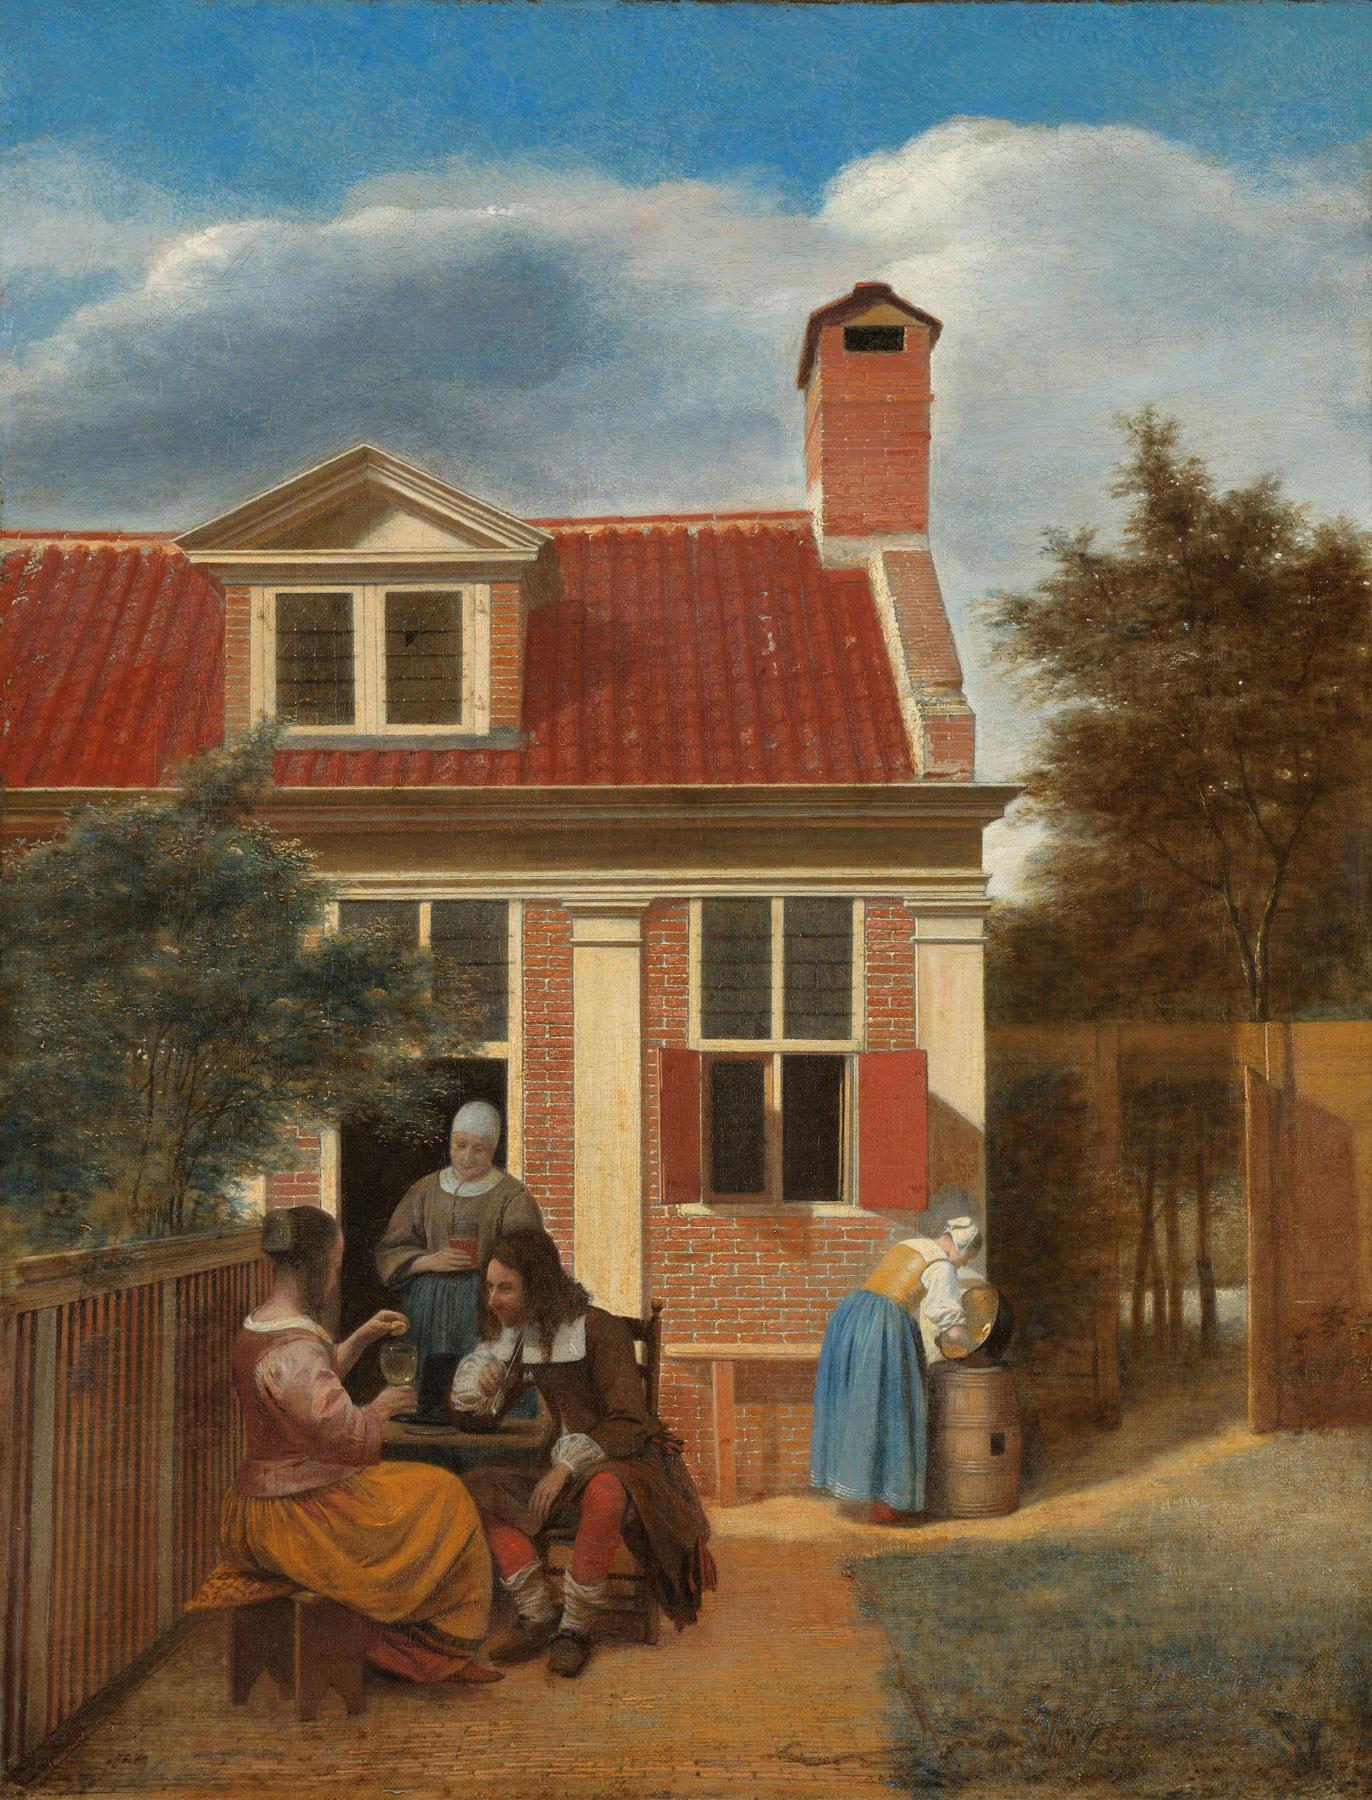 Pieter de Hooch, Figure in un cortile (1663-1665 circa; olio su tela, 60 x 45,7 cm; Amsterdam, Rijksmuseum)